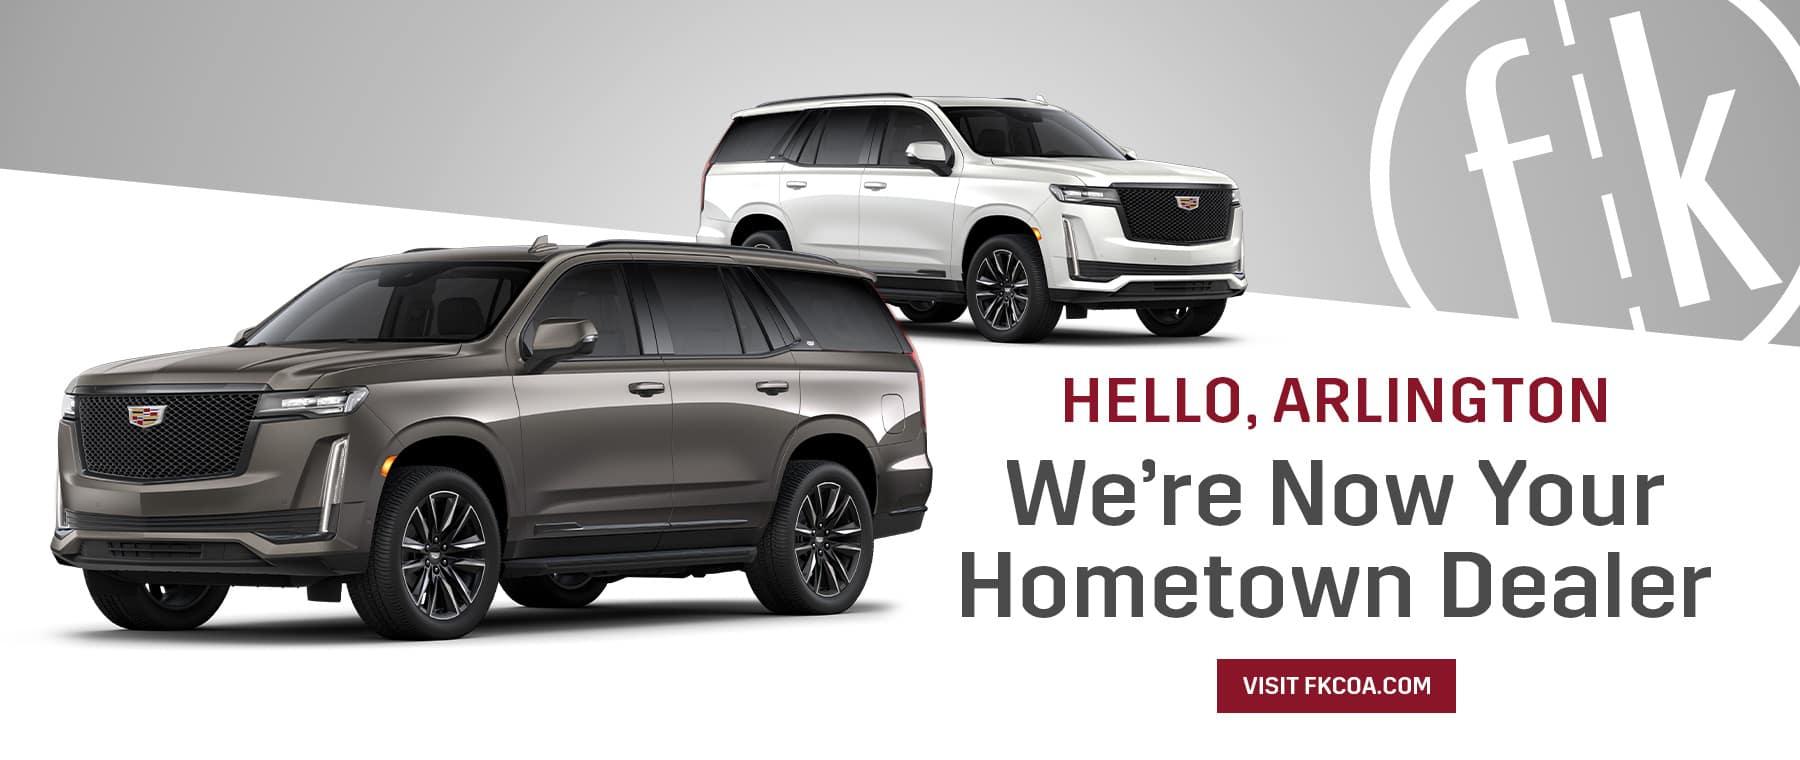 Hello Arlington, We're Now Your Hometown Dealer